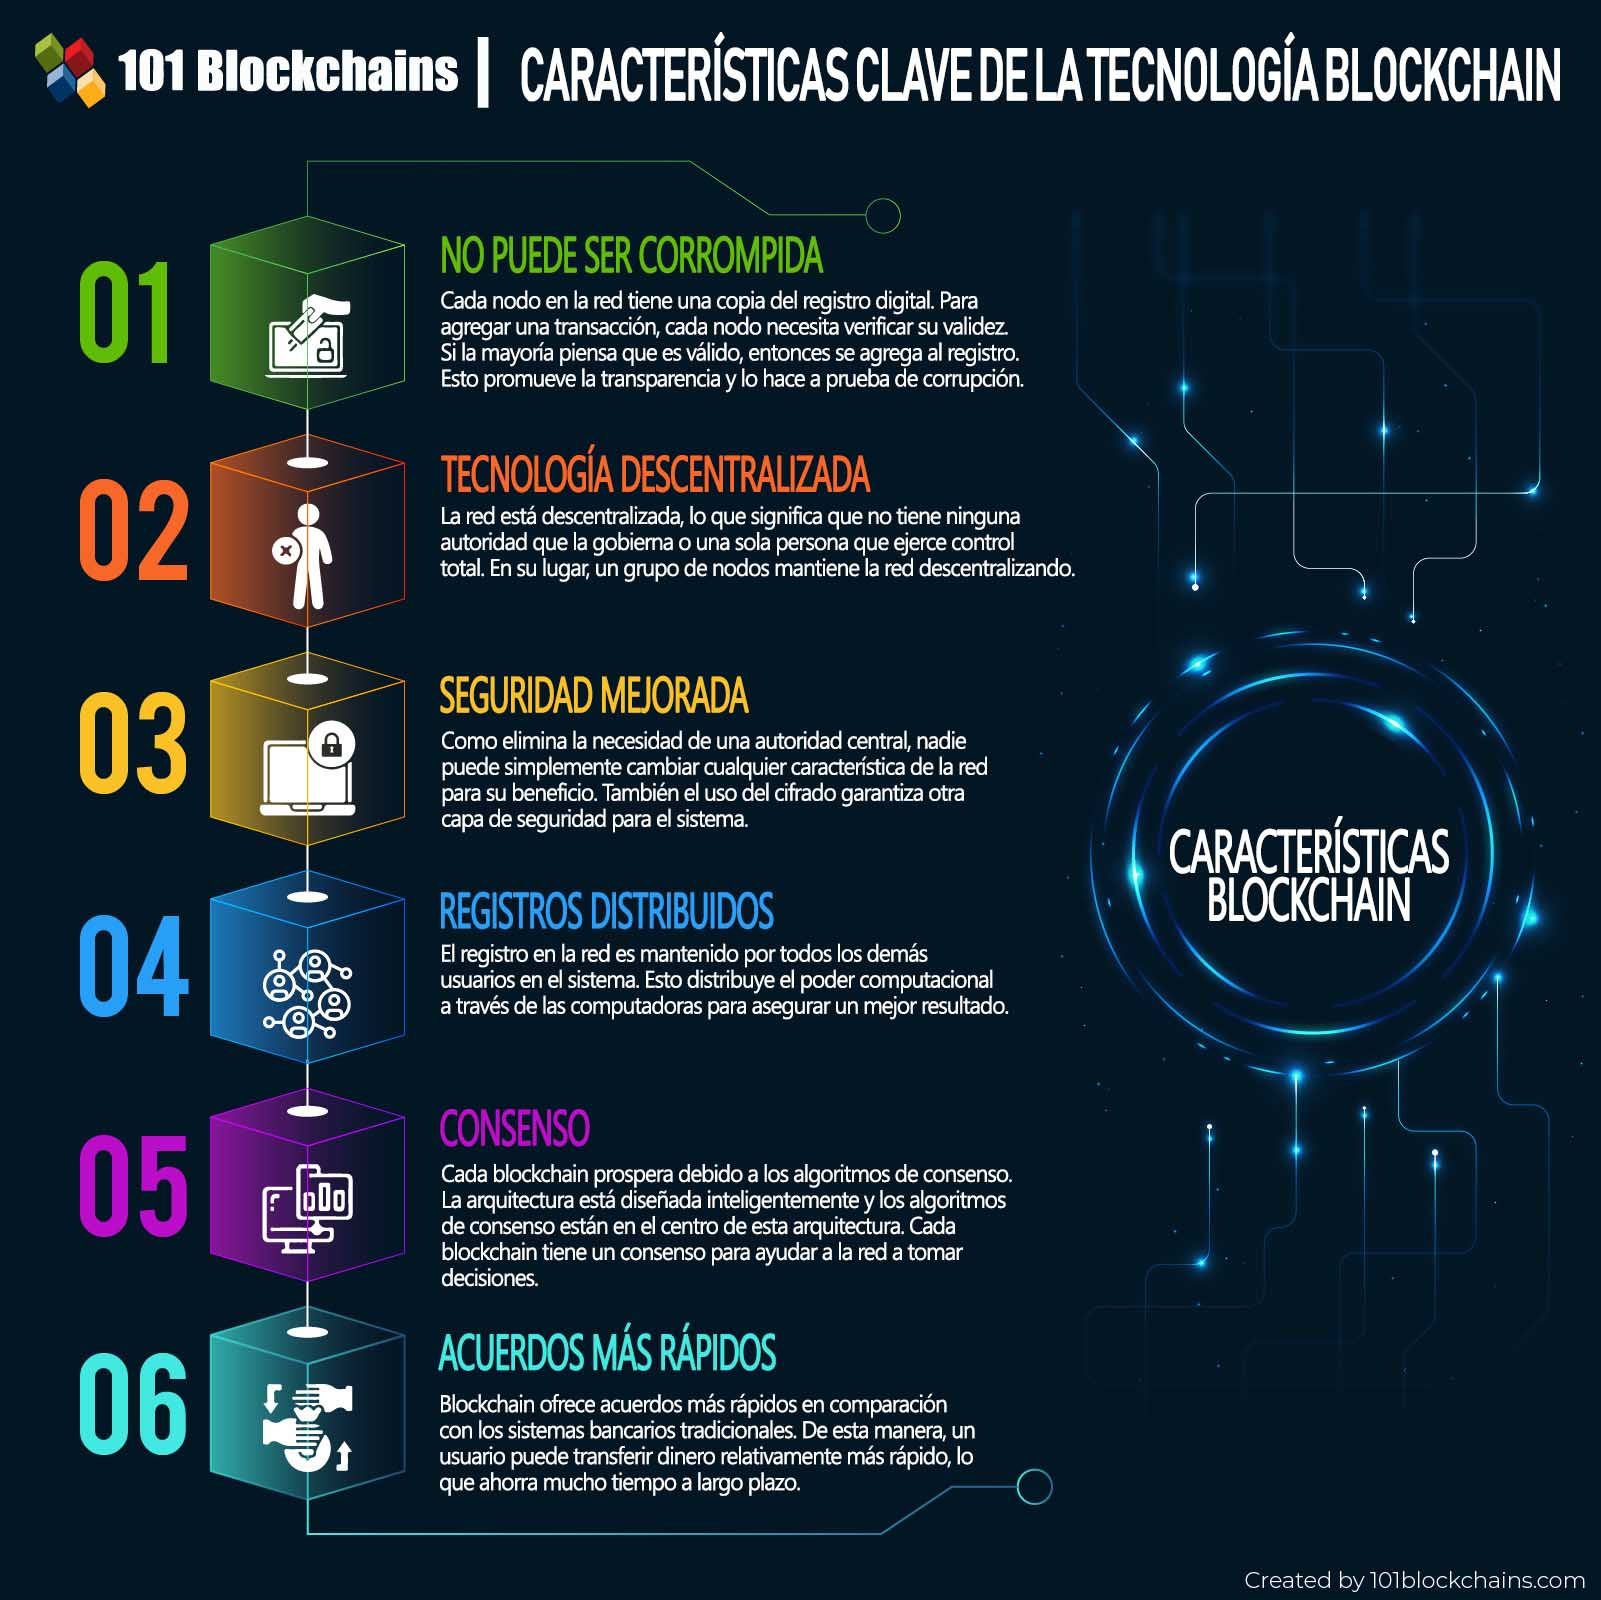 caracteristicas-tecnología-blockchain